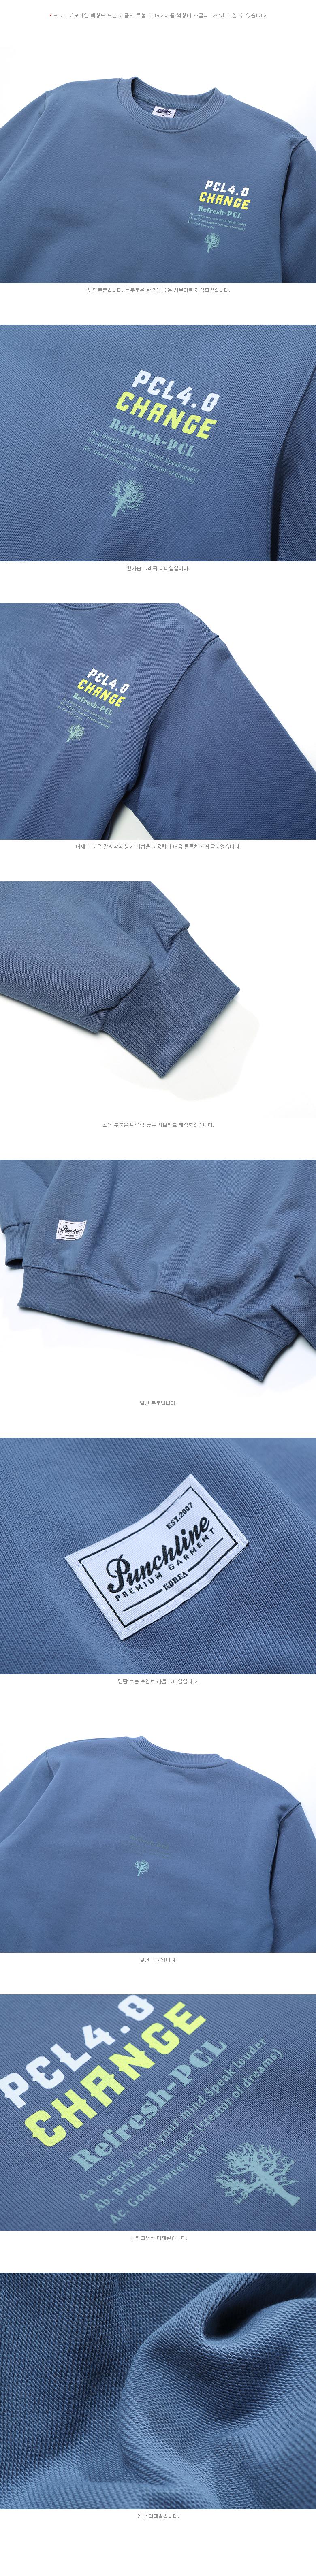 KHMT6148_bluegray_02.jpg